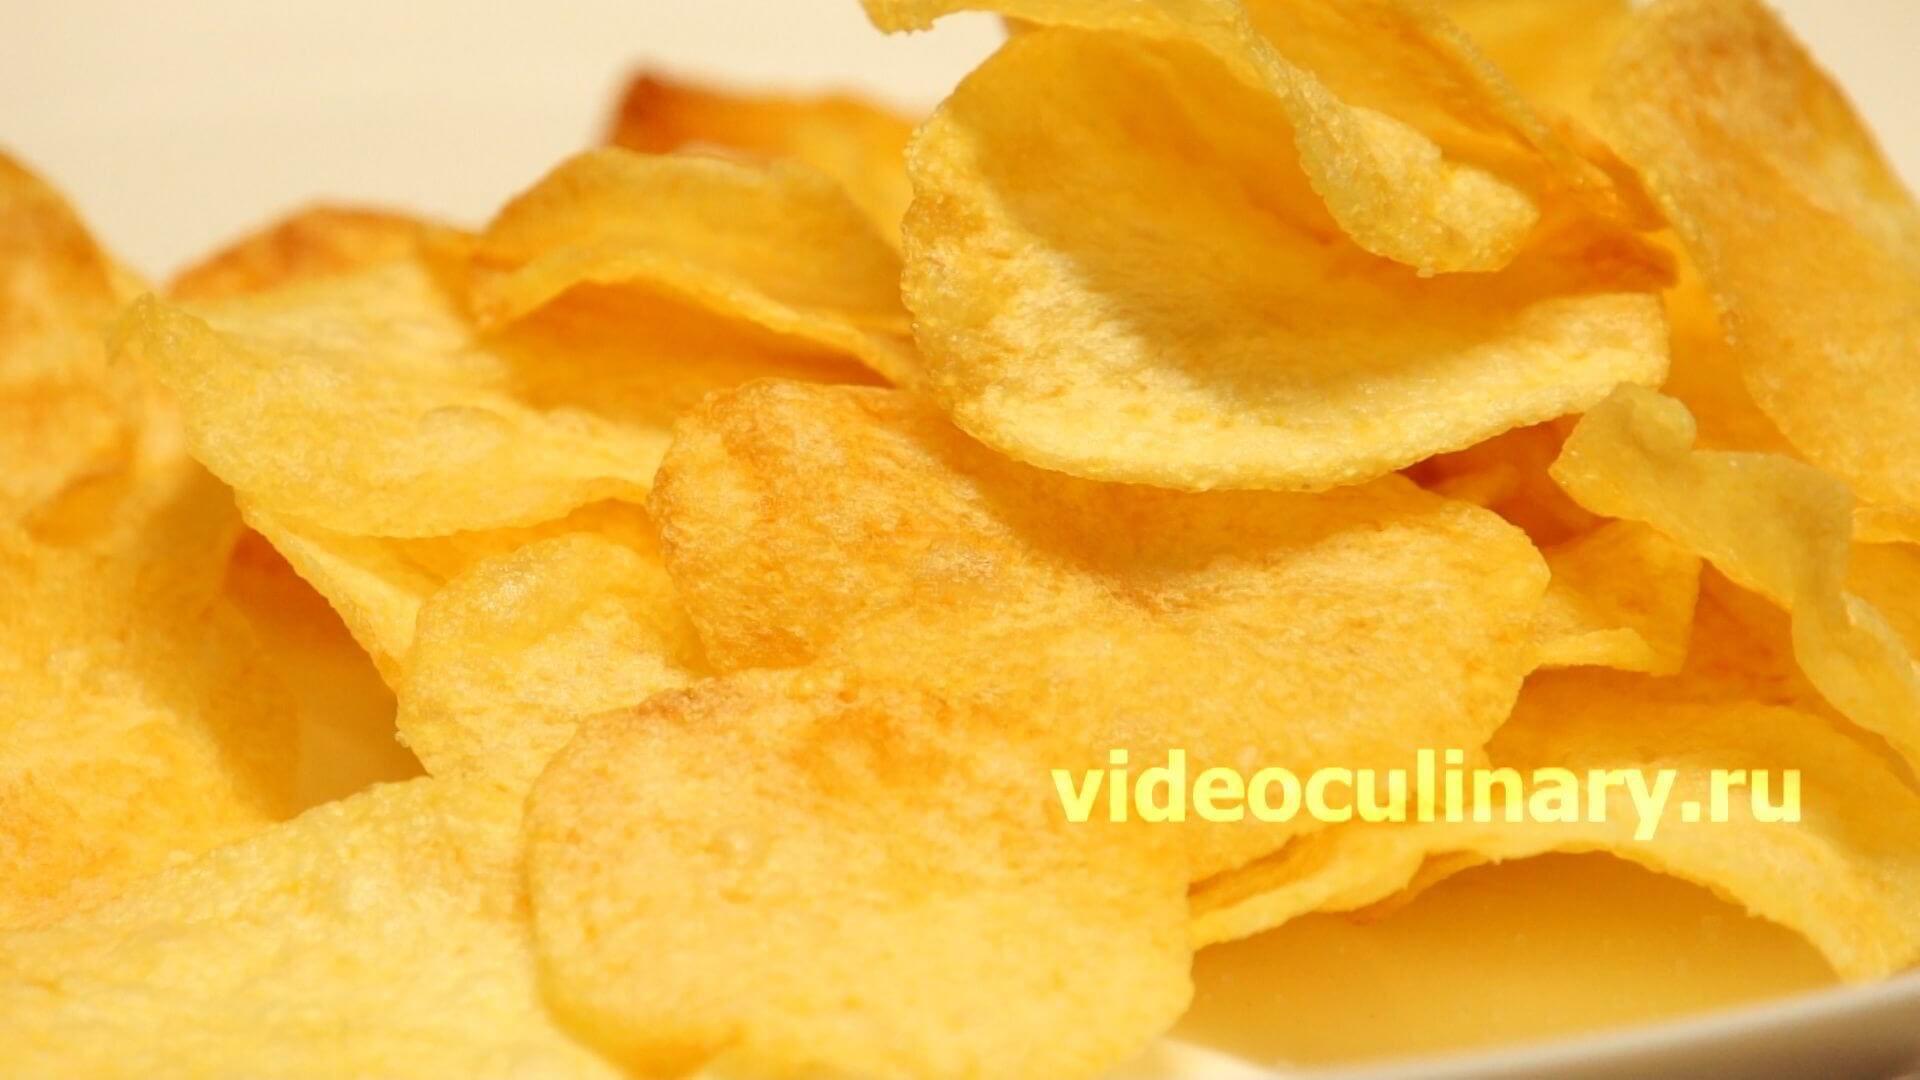 Чипсы картофельные в аэрогриле рецепты